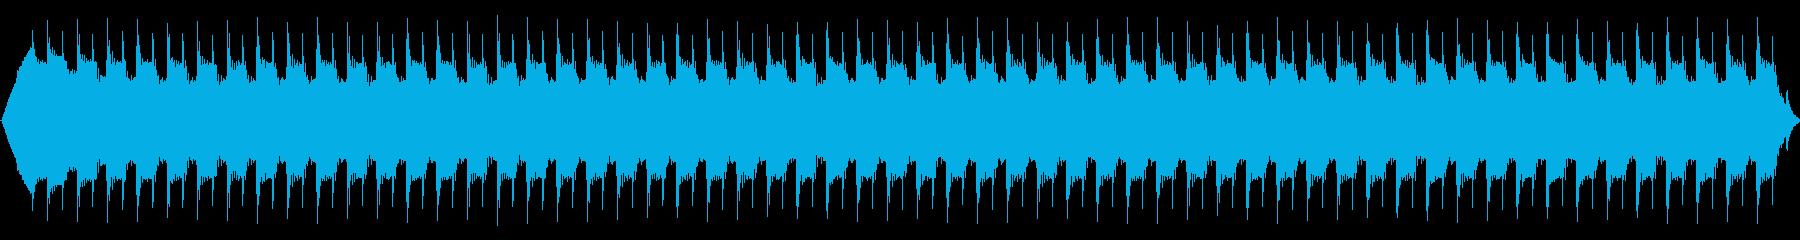 ヘビーエレクトロニック2トーン警告...の再生済みの波形